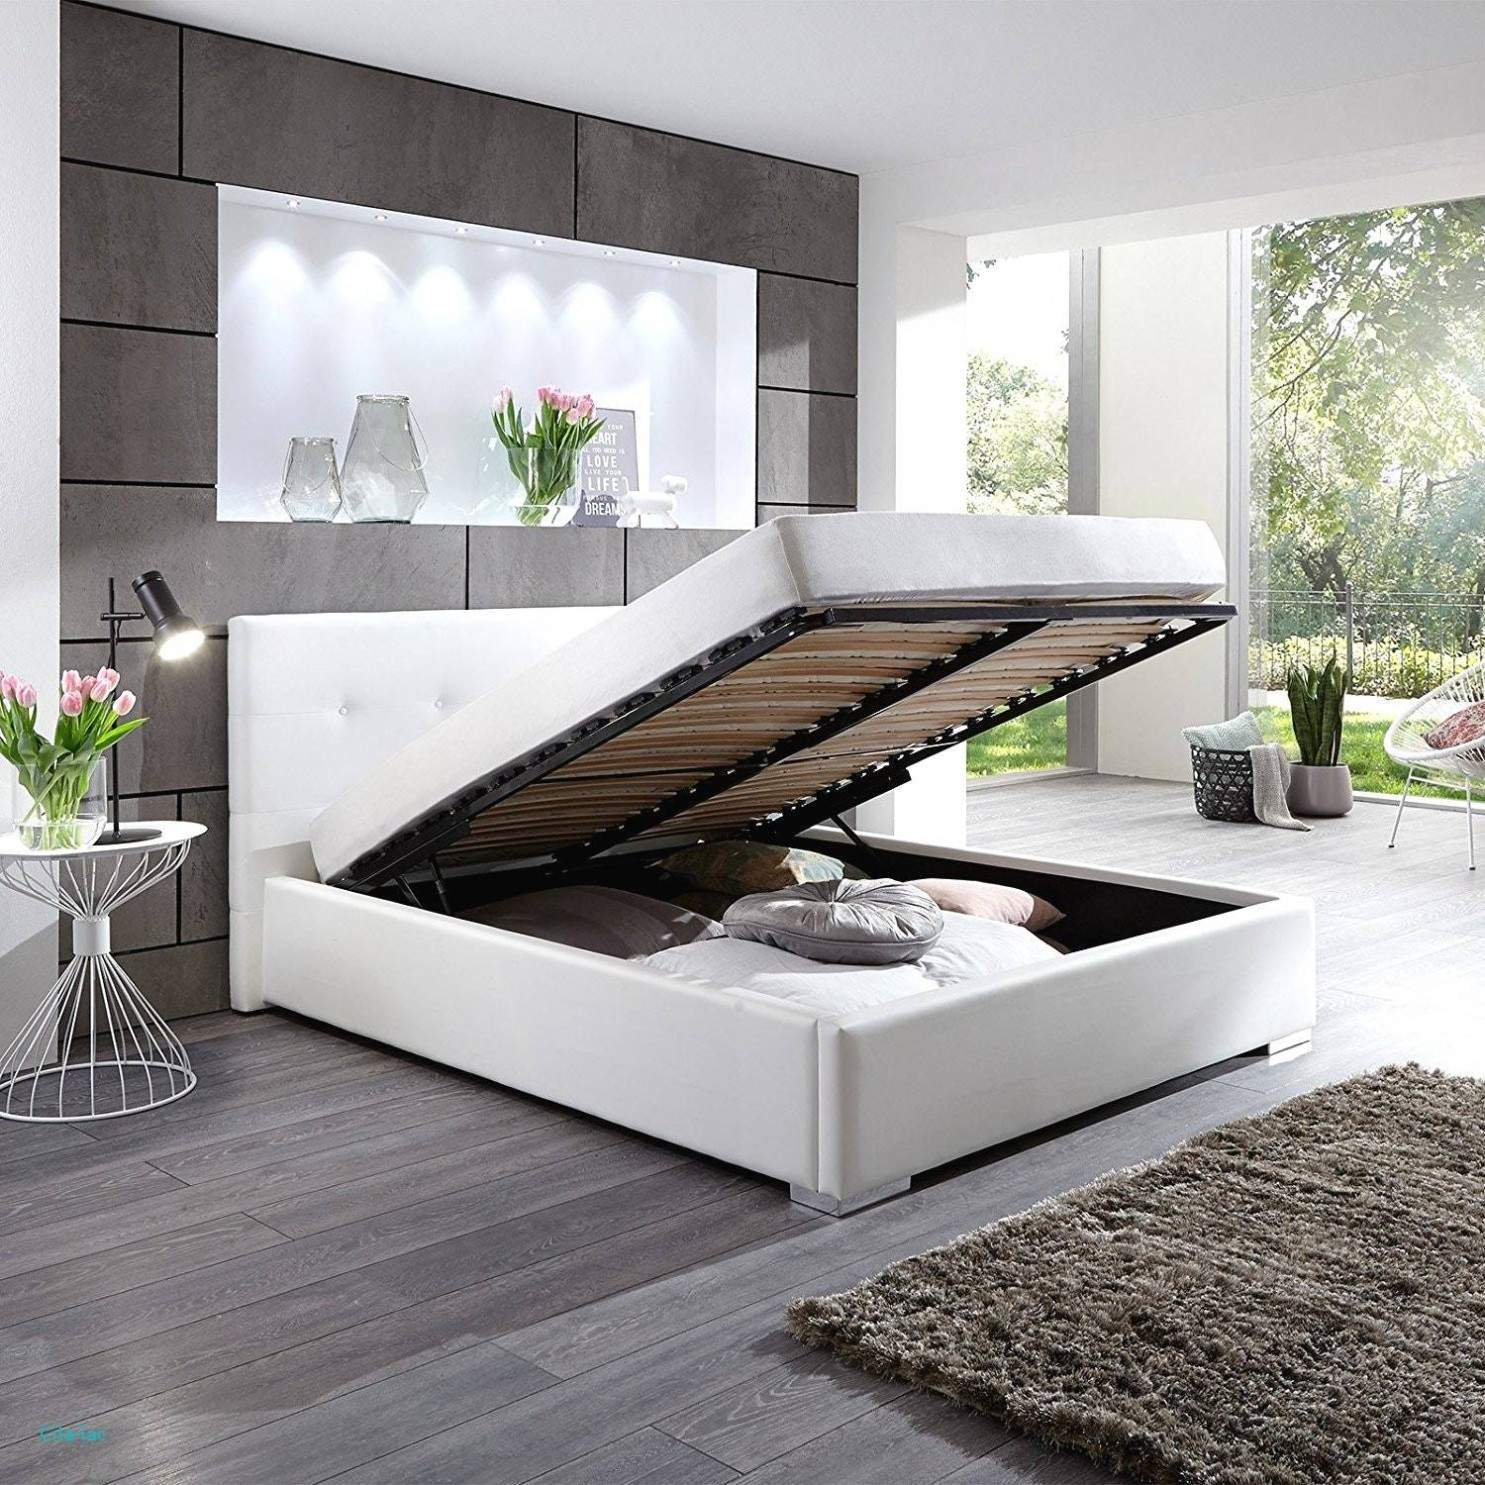 Full Size of Wohnzimmerschränke Ikea Küche Kaufen Kosten Sofa Mit Schlaffunktion Betten Bei Miniküche Modulküche 160x200 Wohnzimmer Wohnzimmerschränke Ikea